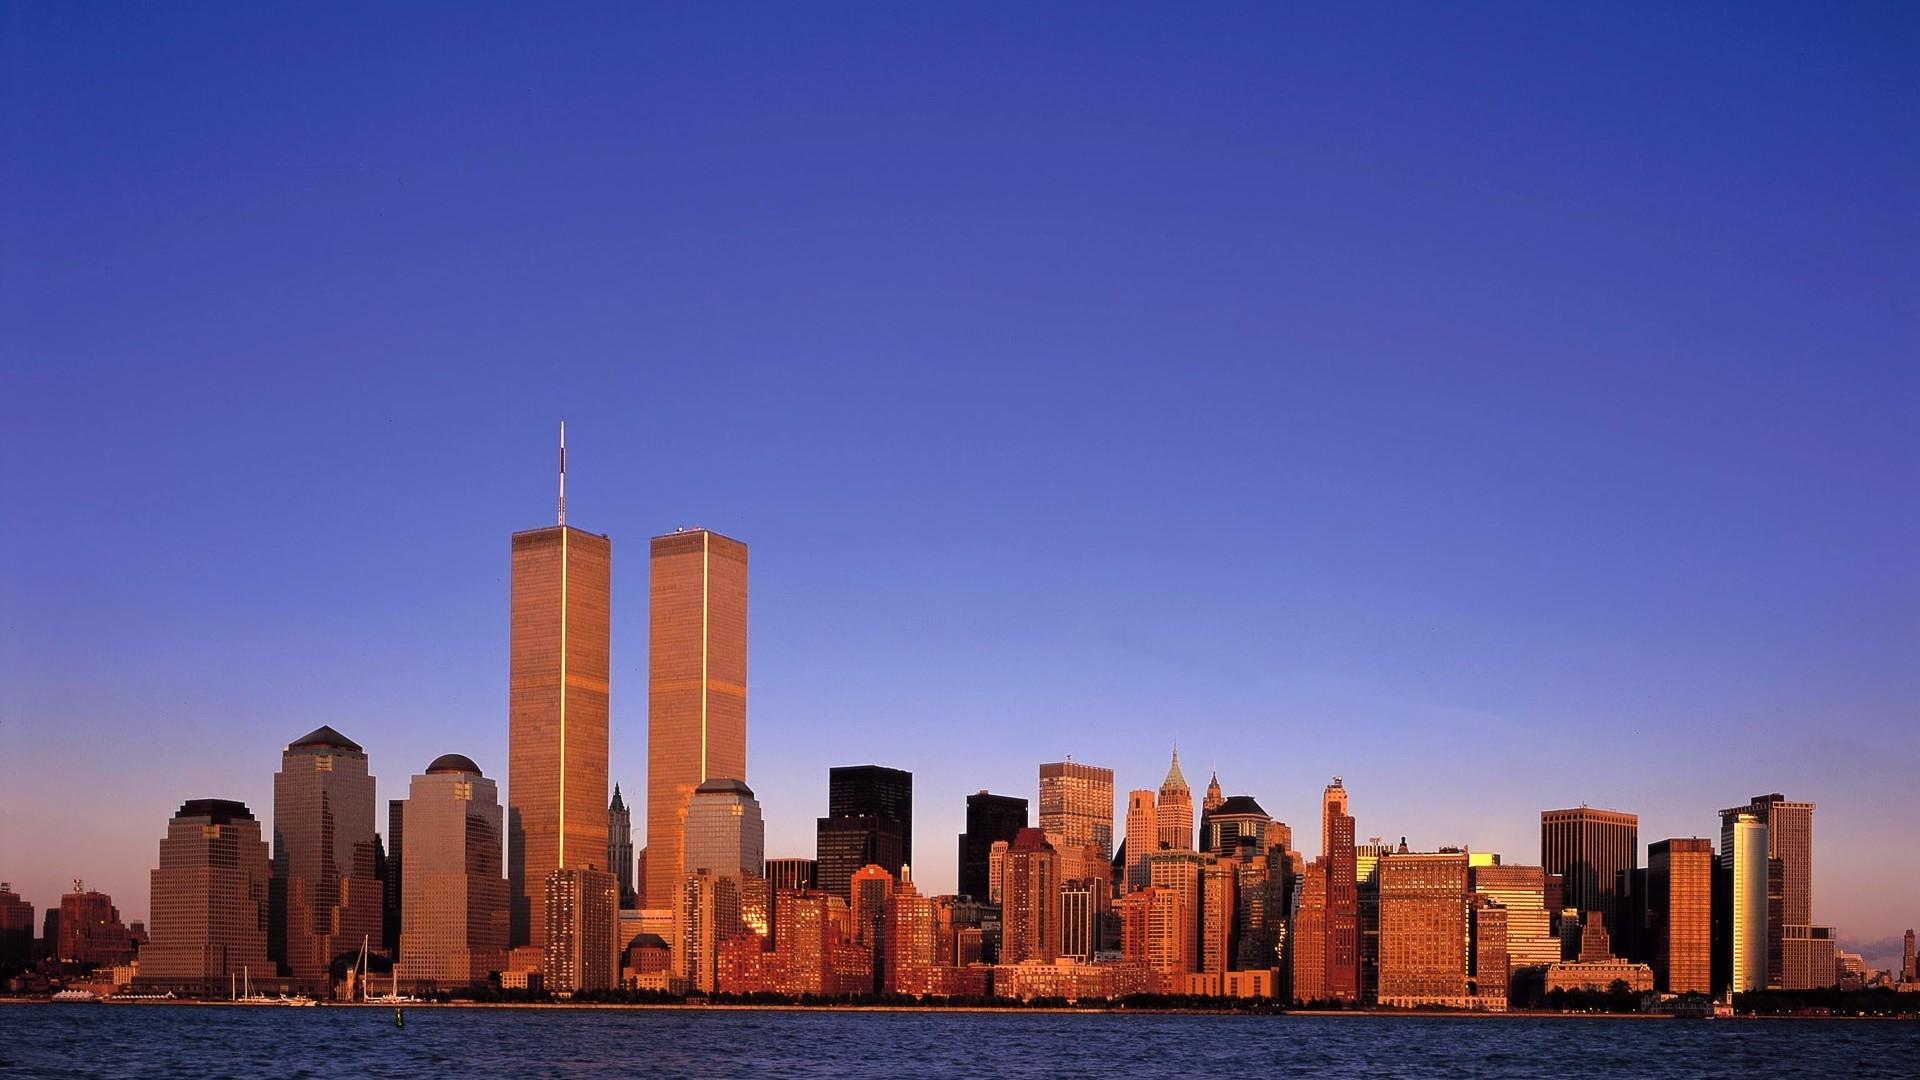 Res: 1920x1080, 911 Memorial twin towers wallpaper #8 - .